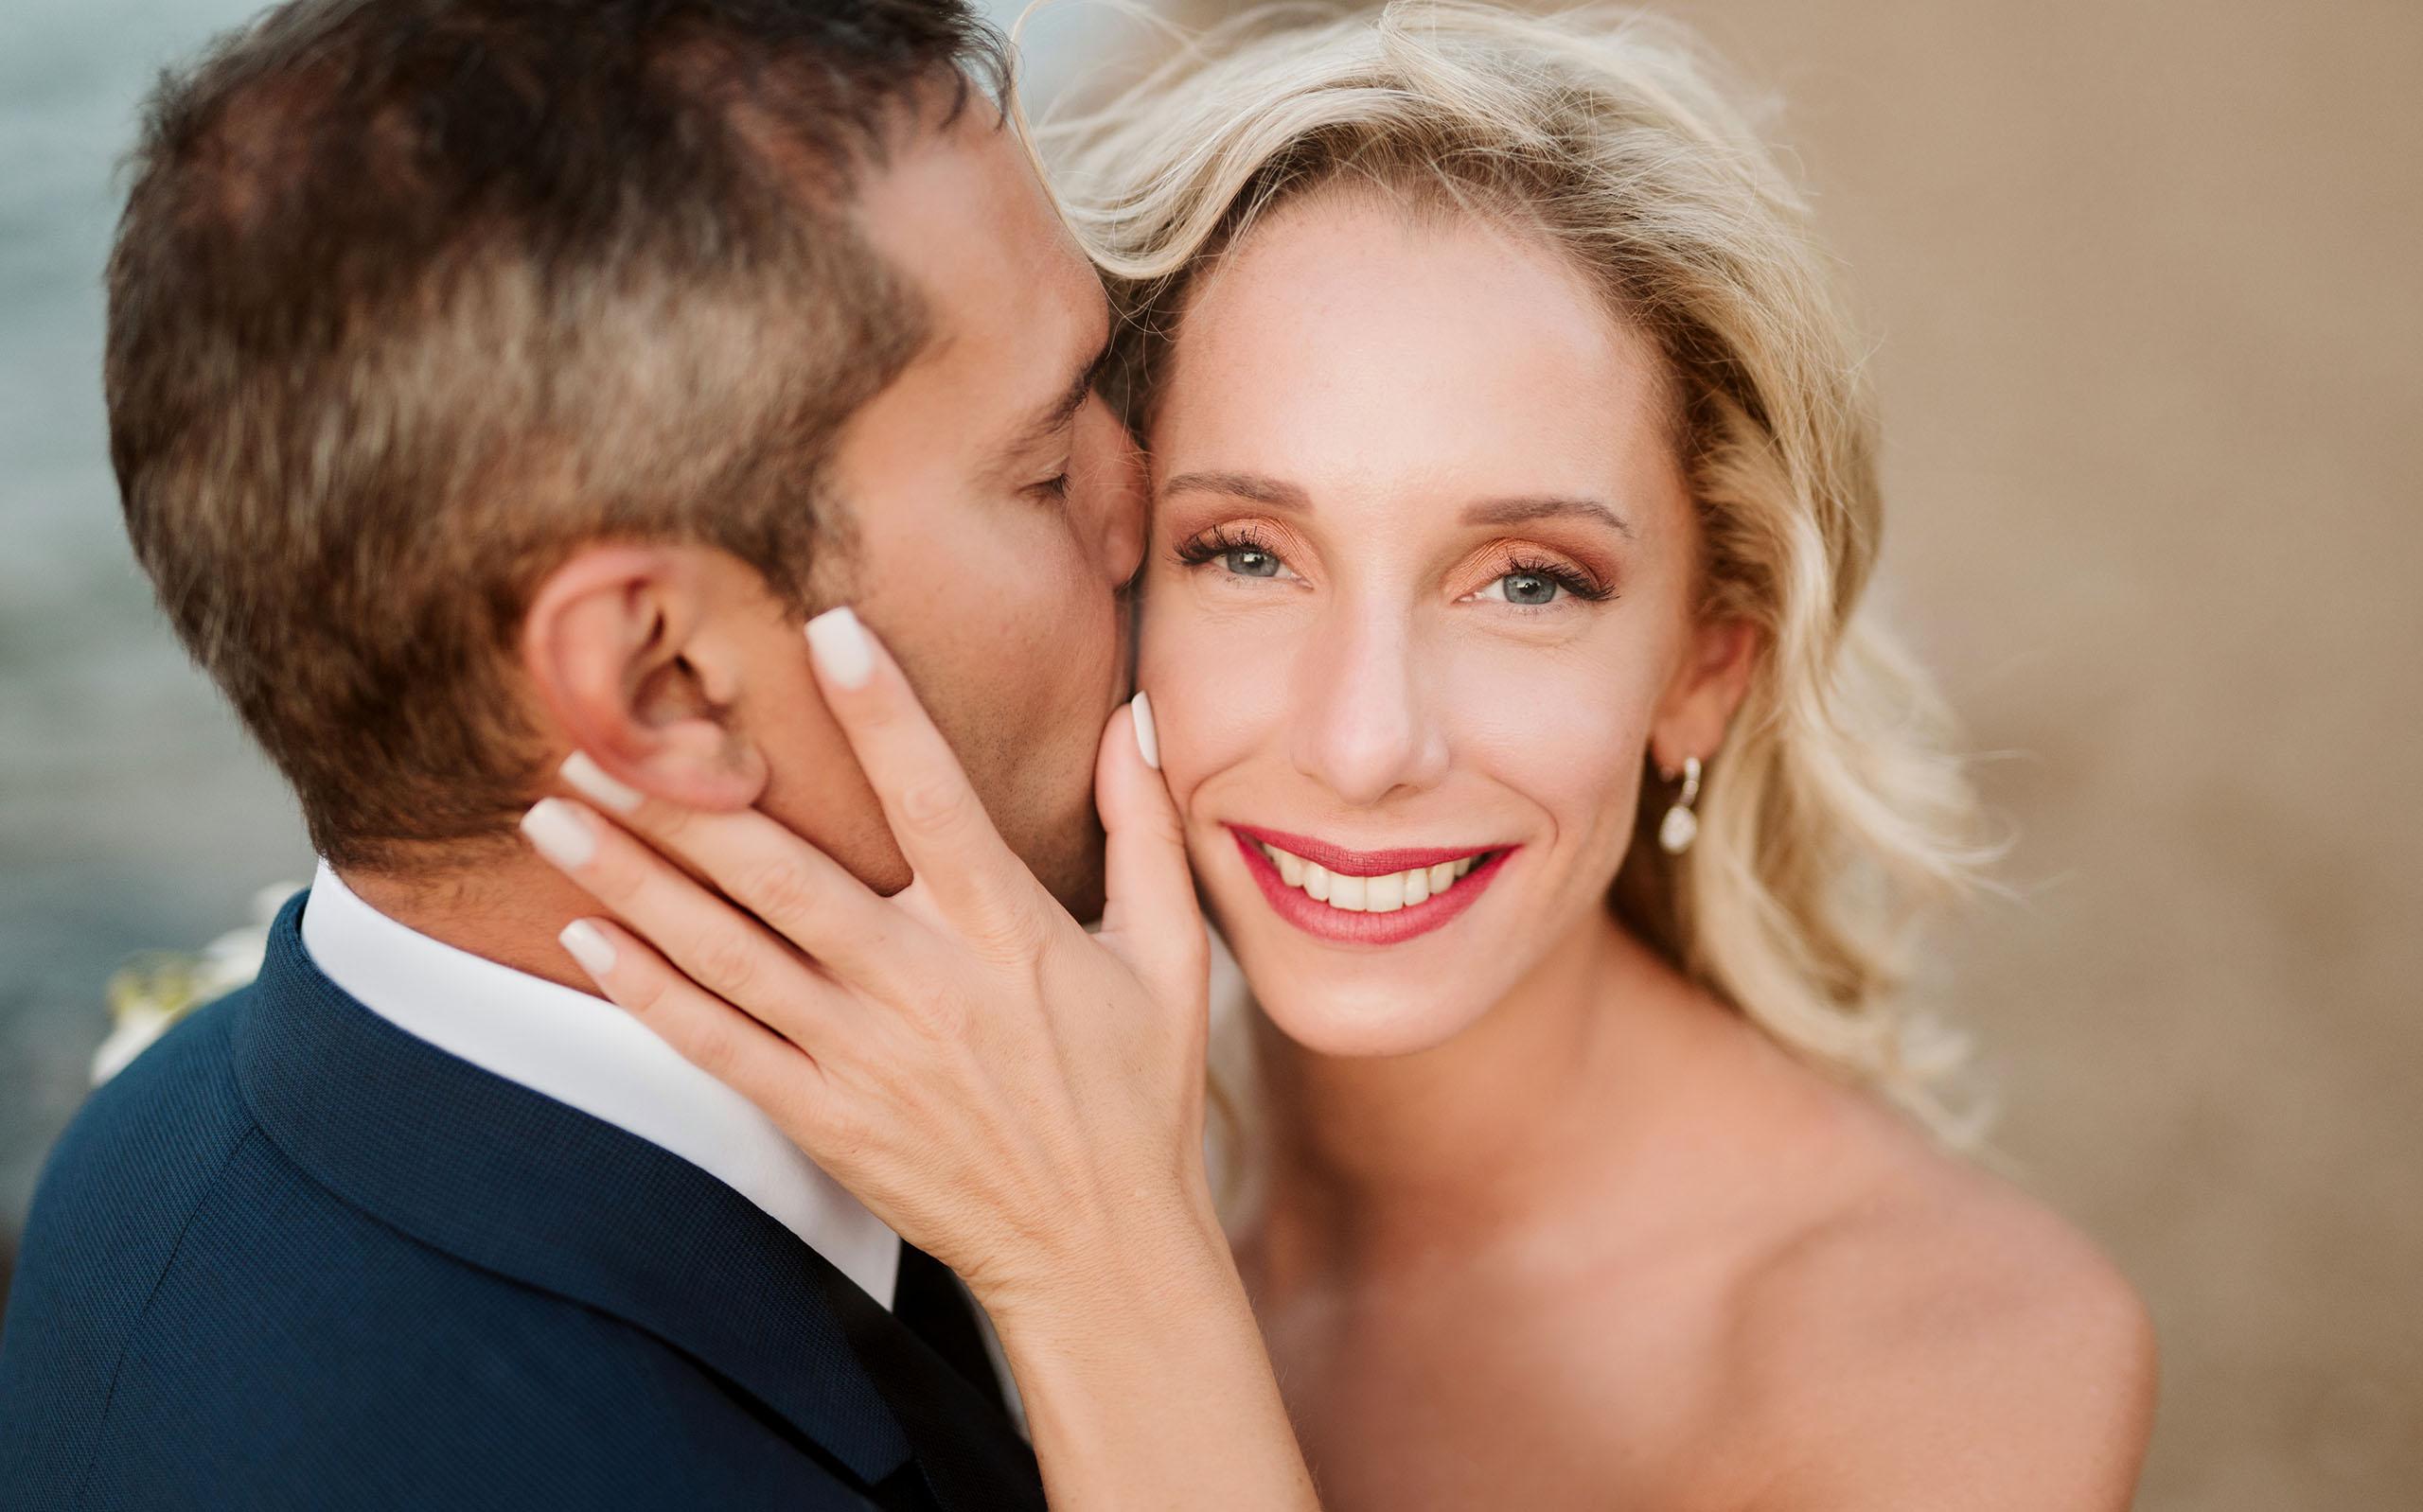 οργάνωση γάμου ζευγάρι γαμπρός και νύφη